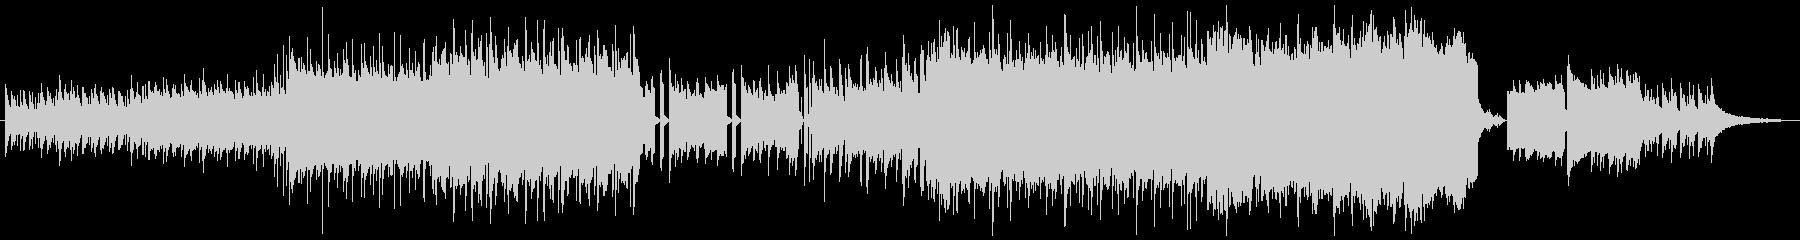 ピアノ・フルートが印象的な3拍子バラードの未再生の波形